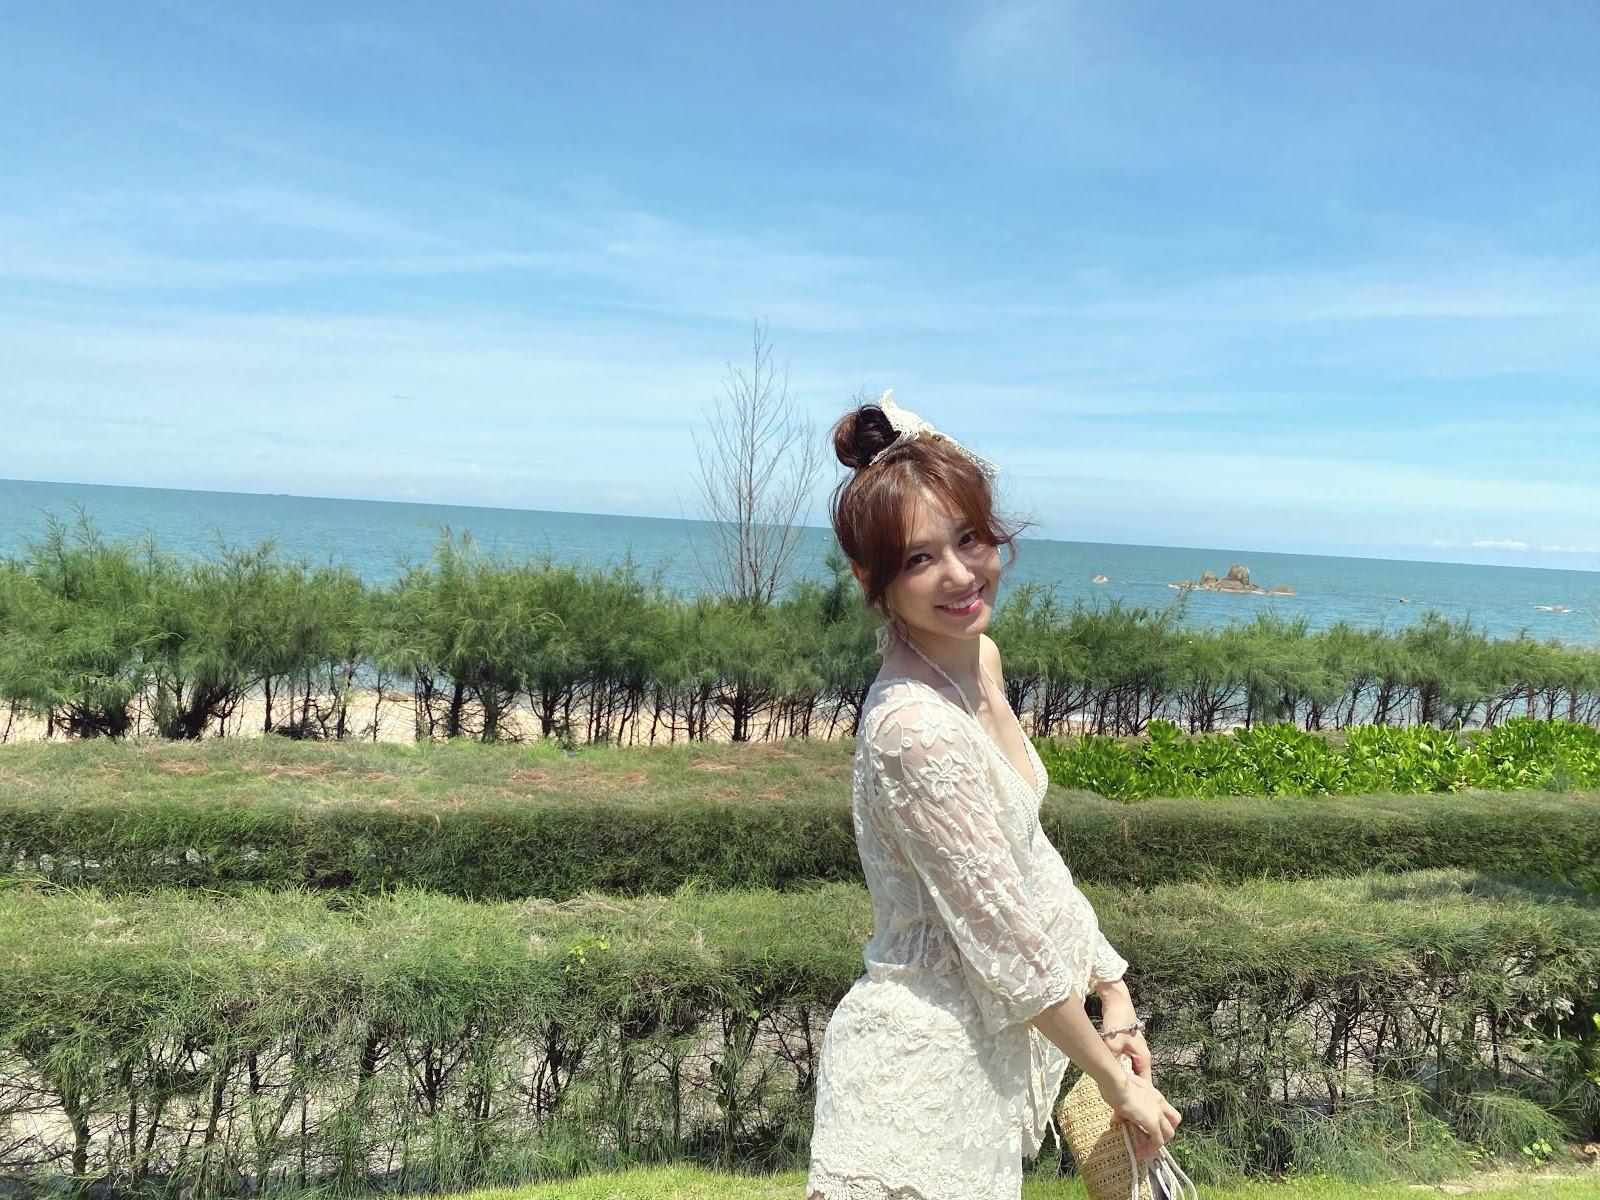 Trấn Thành làm 'phó nháy' ghi lại khoảnh khắc Hari Won diện bikini gợi cảm ở tuổi 35 - Hình 4